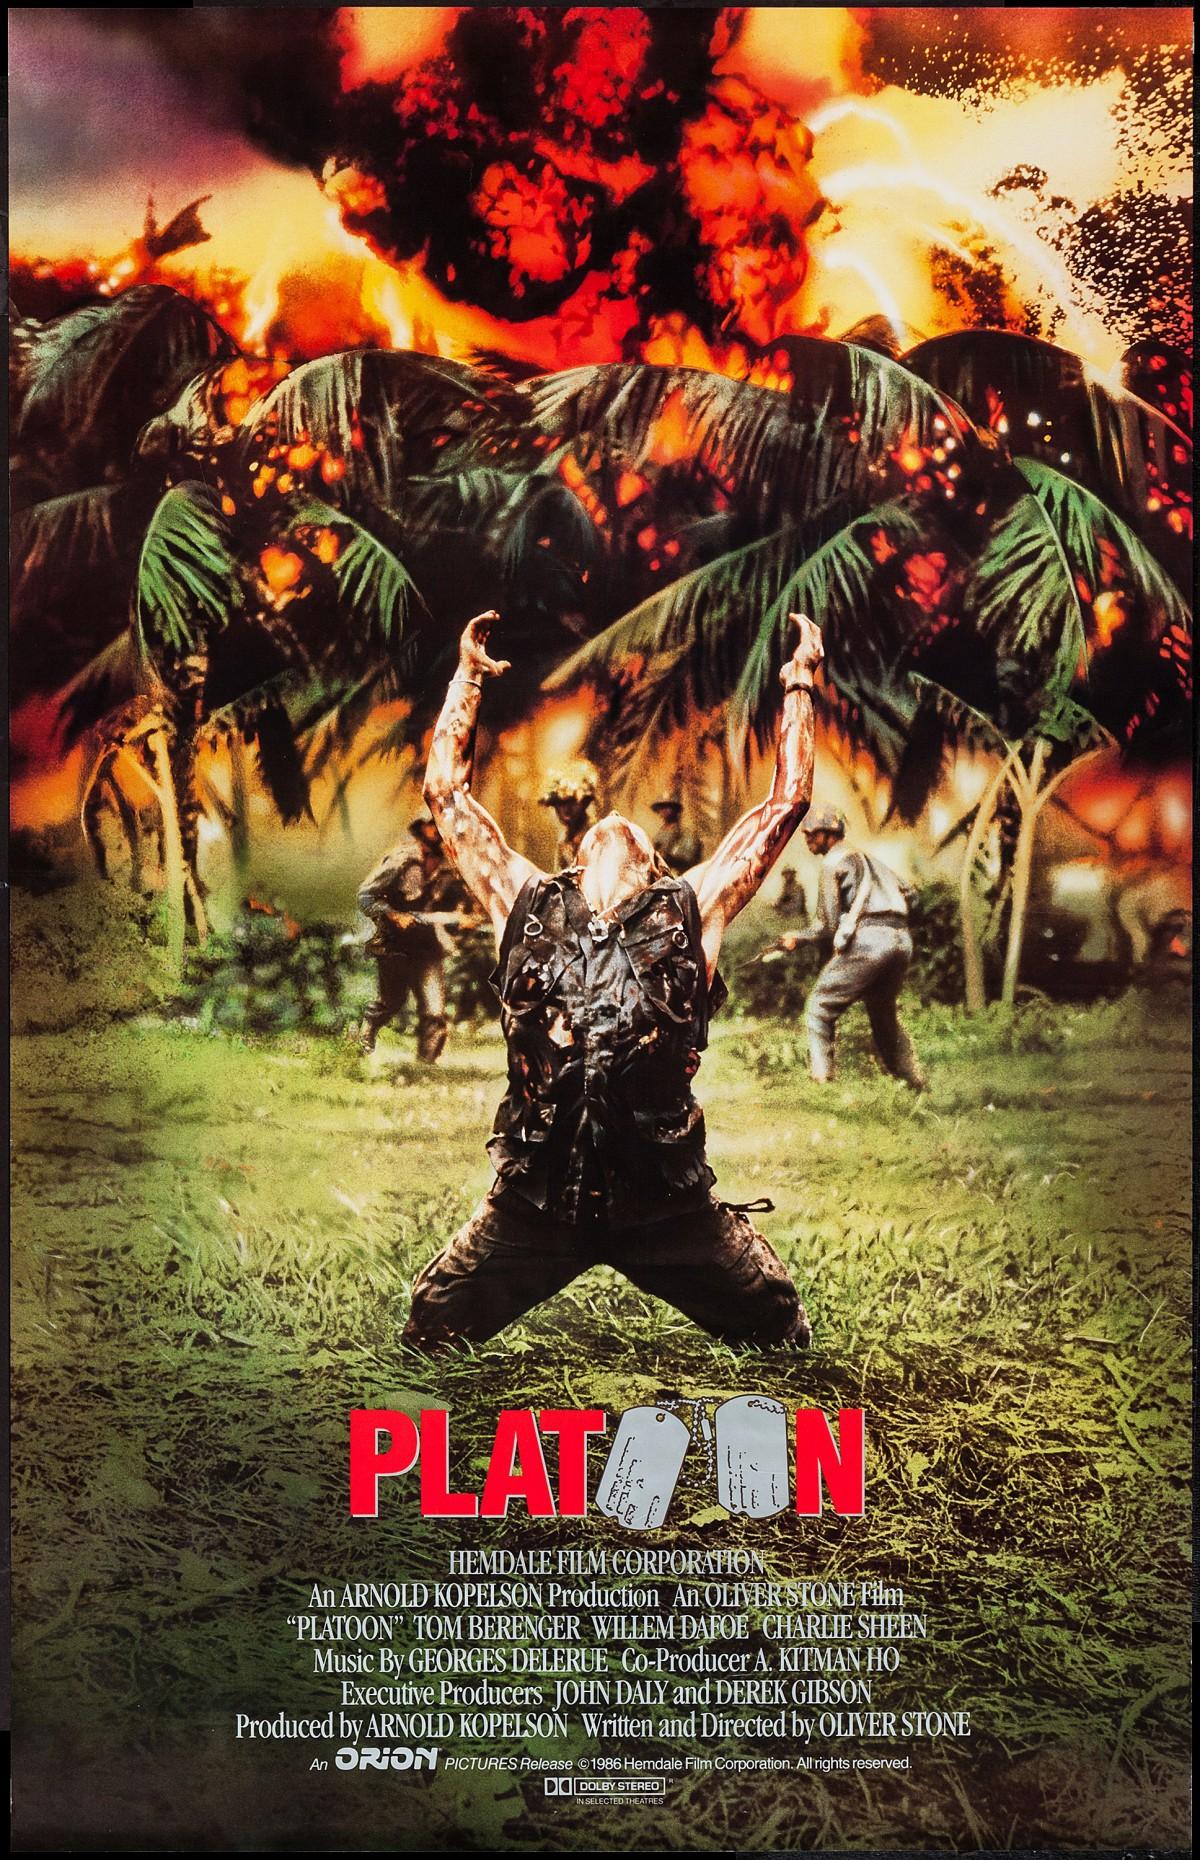 82. Platoon (1986)